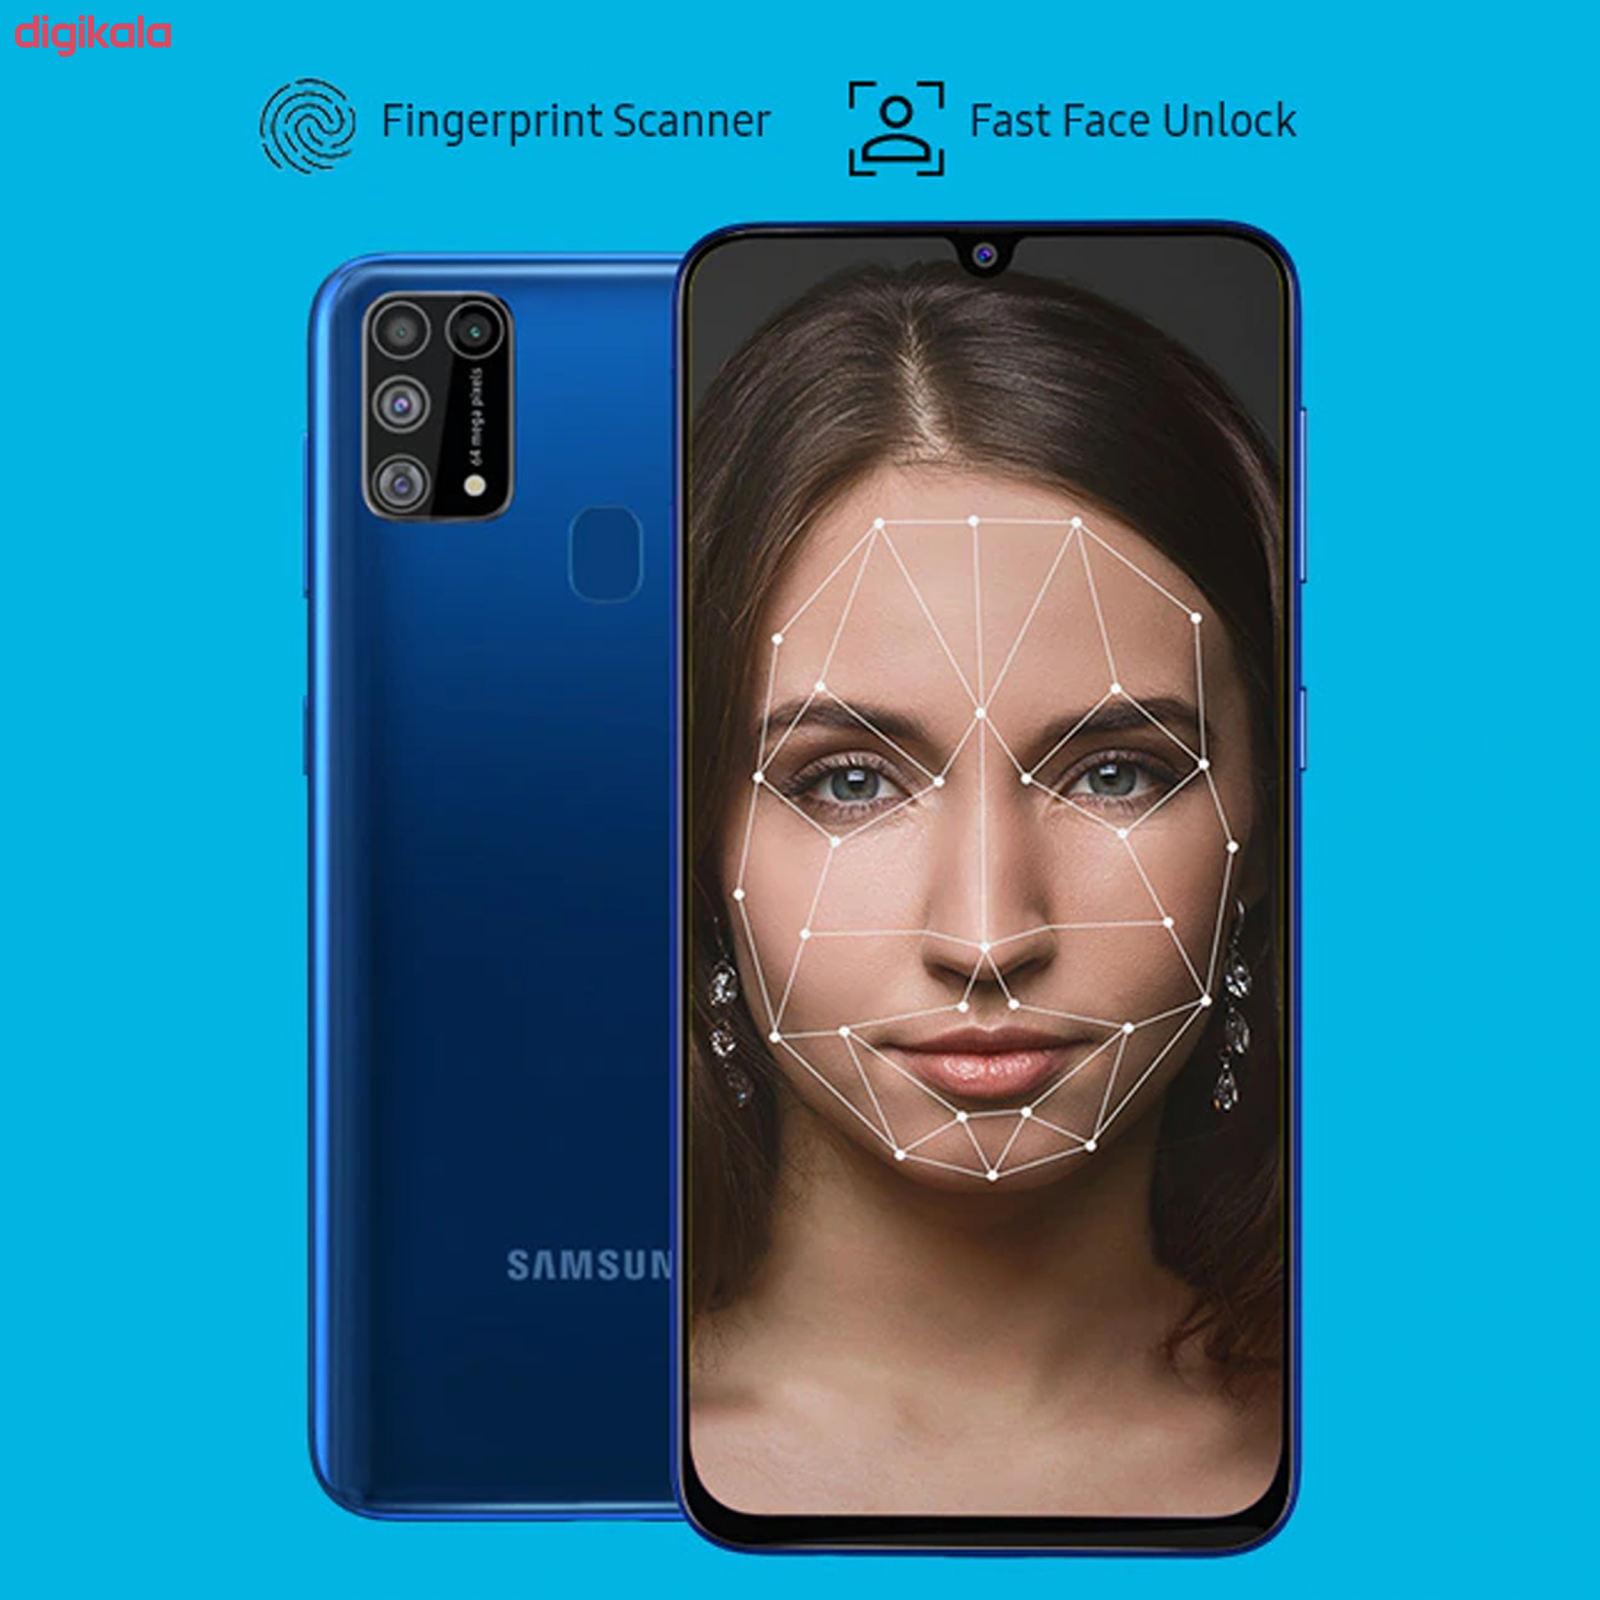 گوشی موبایل سامسونگ مدل Galaxy M31 SM-M315F/DSN دو سیم کارت ظرفیت 128گیگابایت  main 1 15